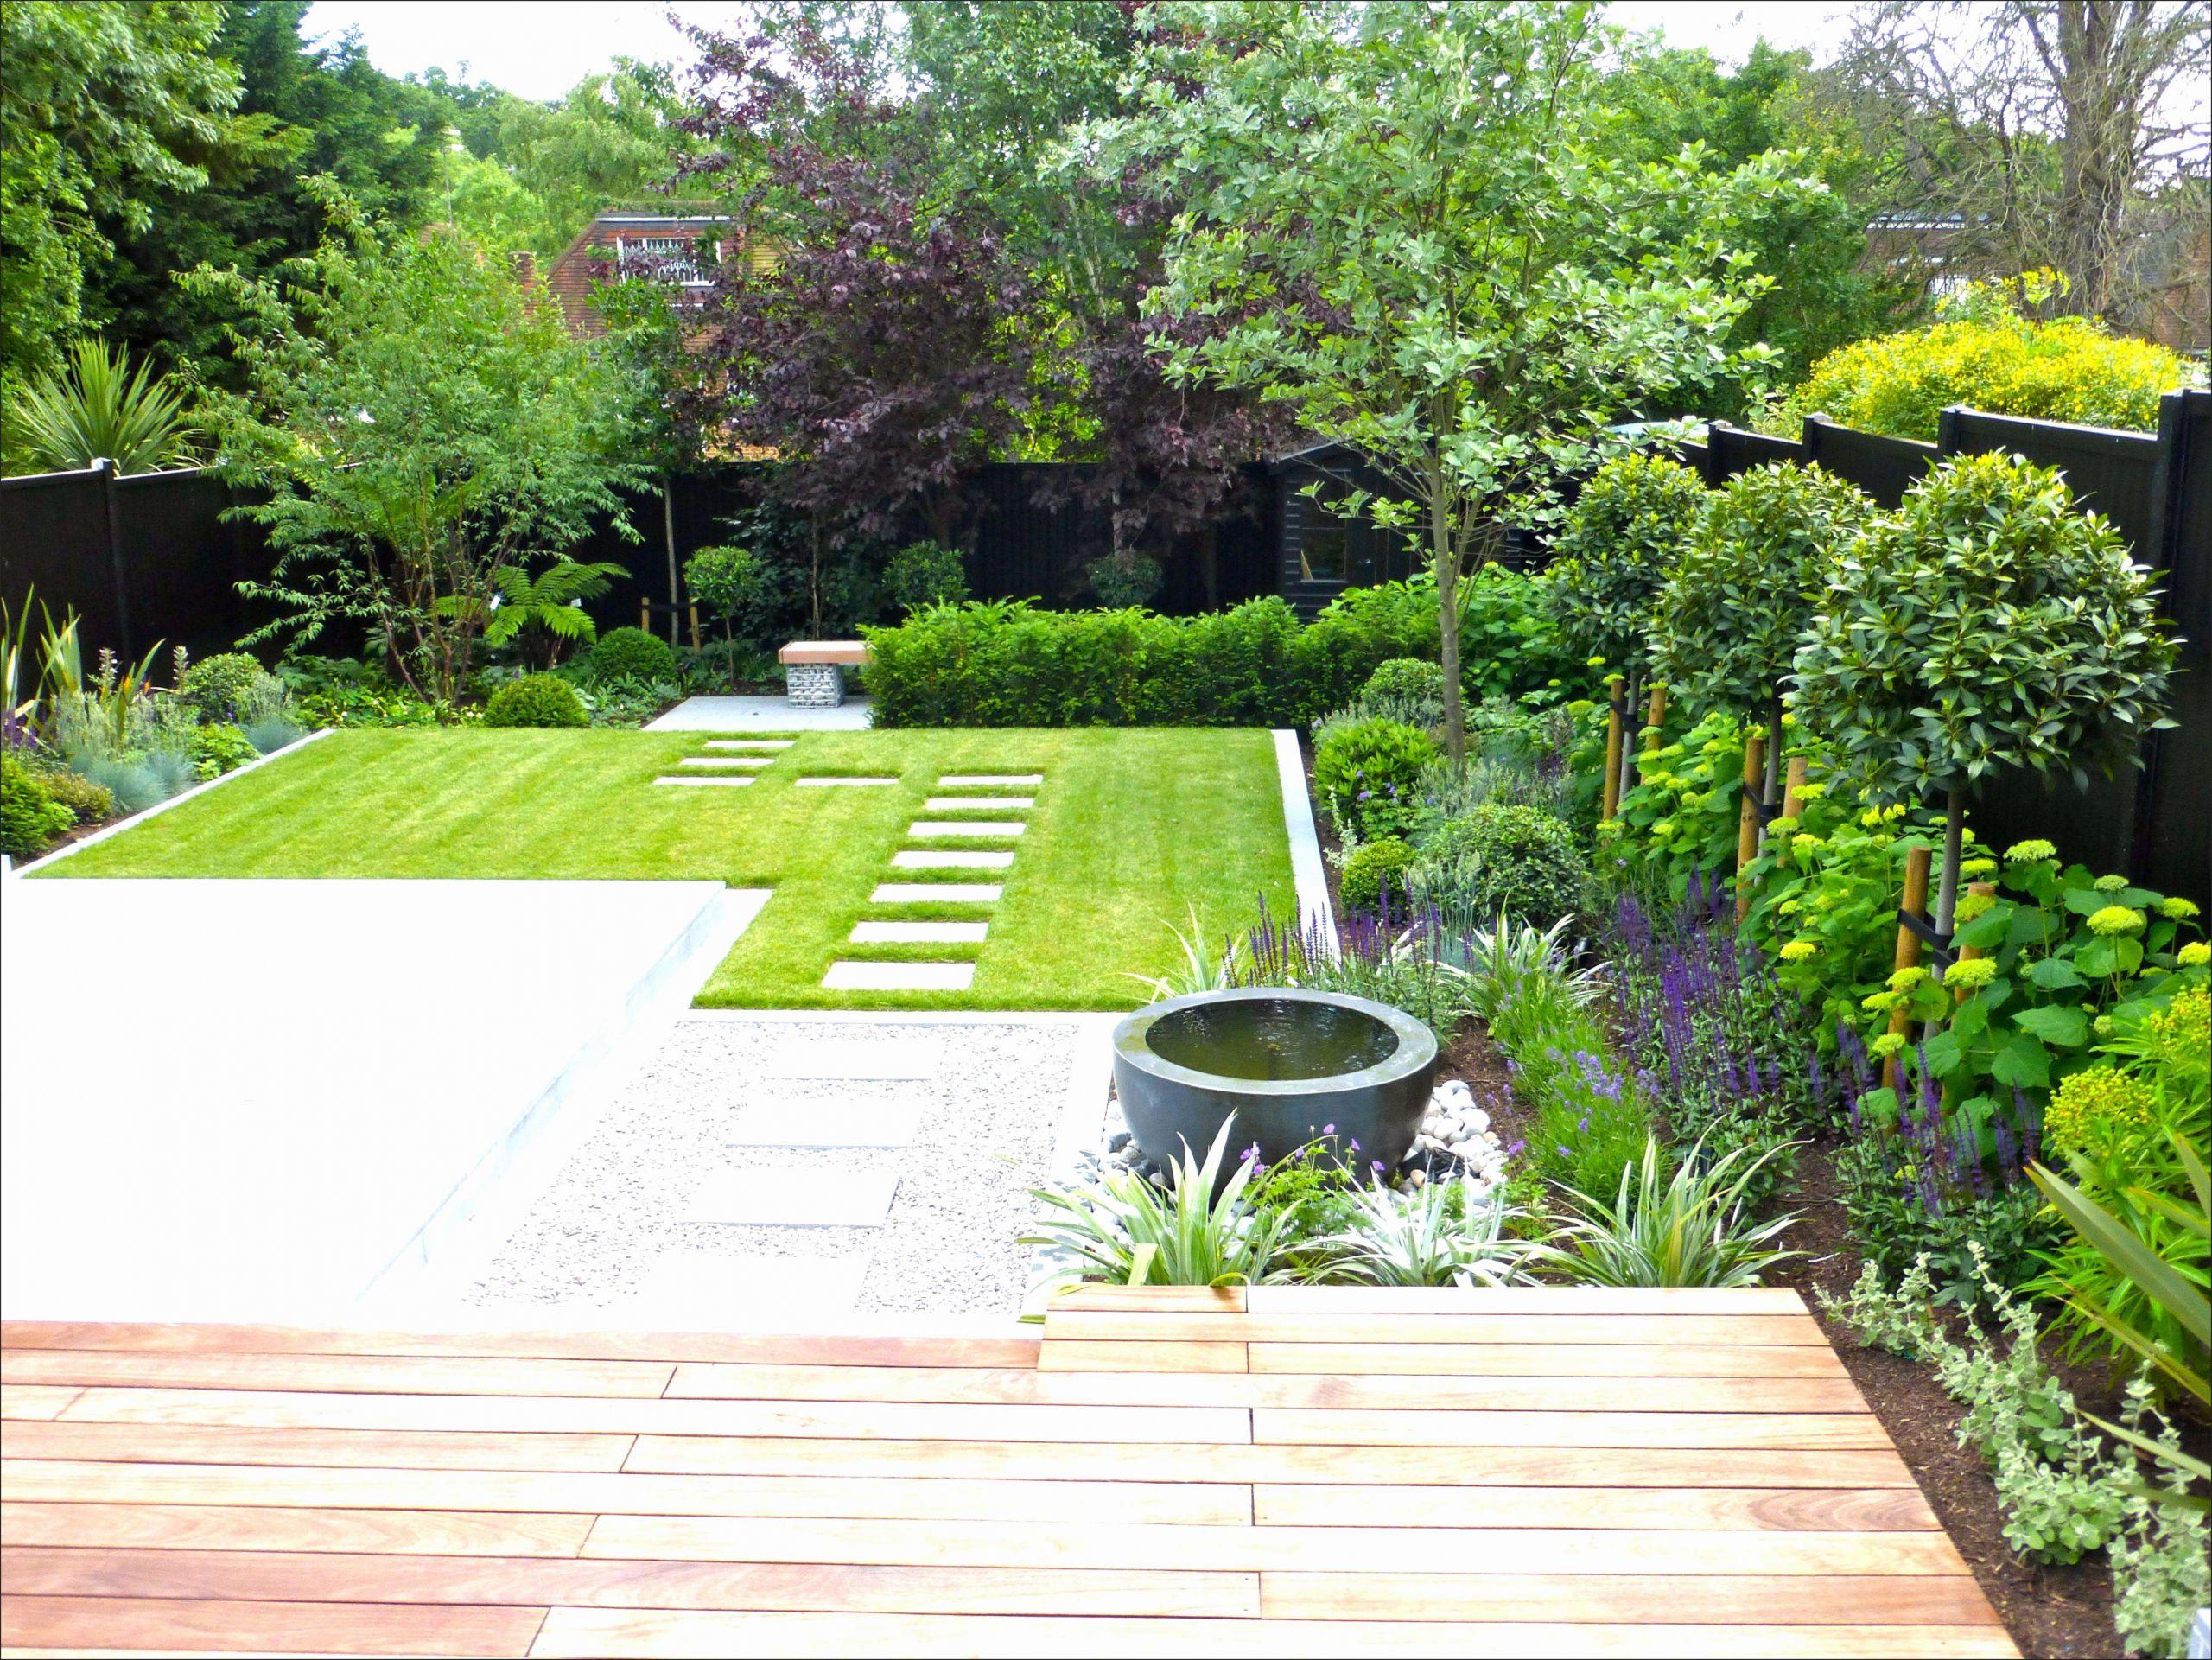 Gartengestaltung Kleine Gärten Bilder Schön Kleine Gärten Gestalten Reihenhaus — Temobardz Home Blog